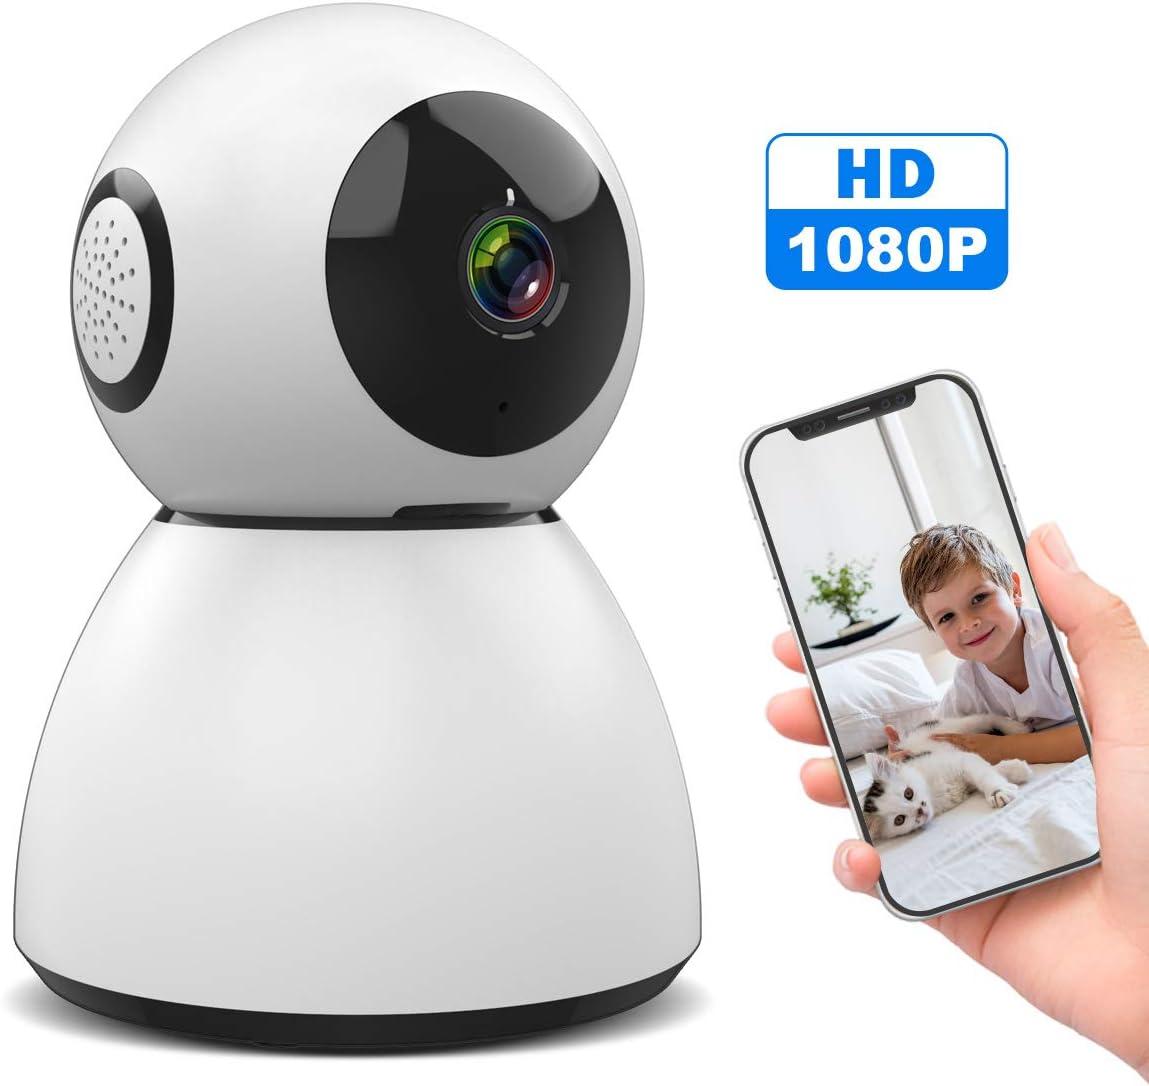 WLAN IP Kamera, SAWAKE 1080P HD WiFi Überwachungskamera innen mit ONVIF, Nachtsicht, 2 Wege Audio, Fernalarm, Bewegungserkennung, Mobile App Kontrolle